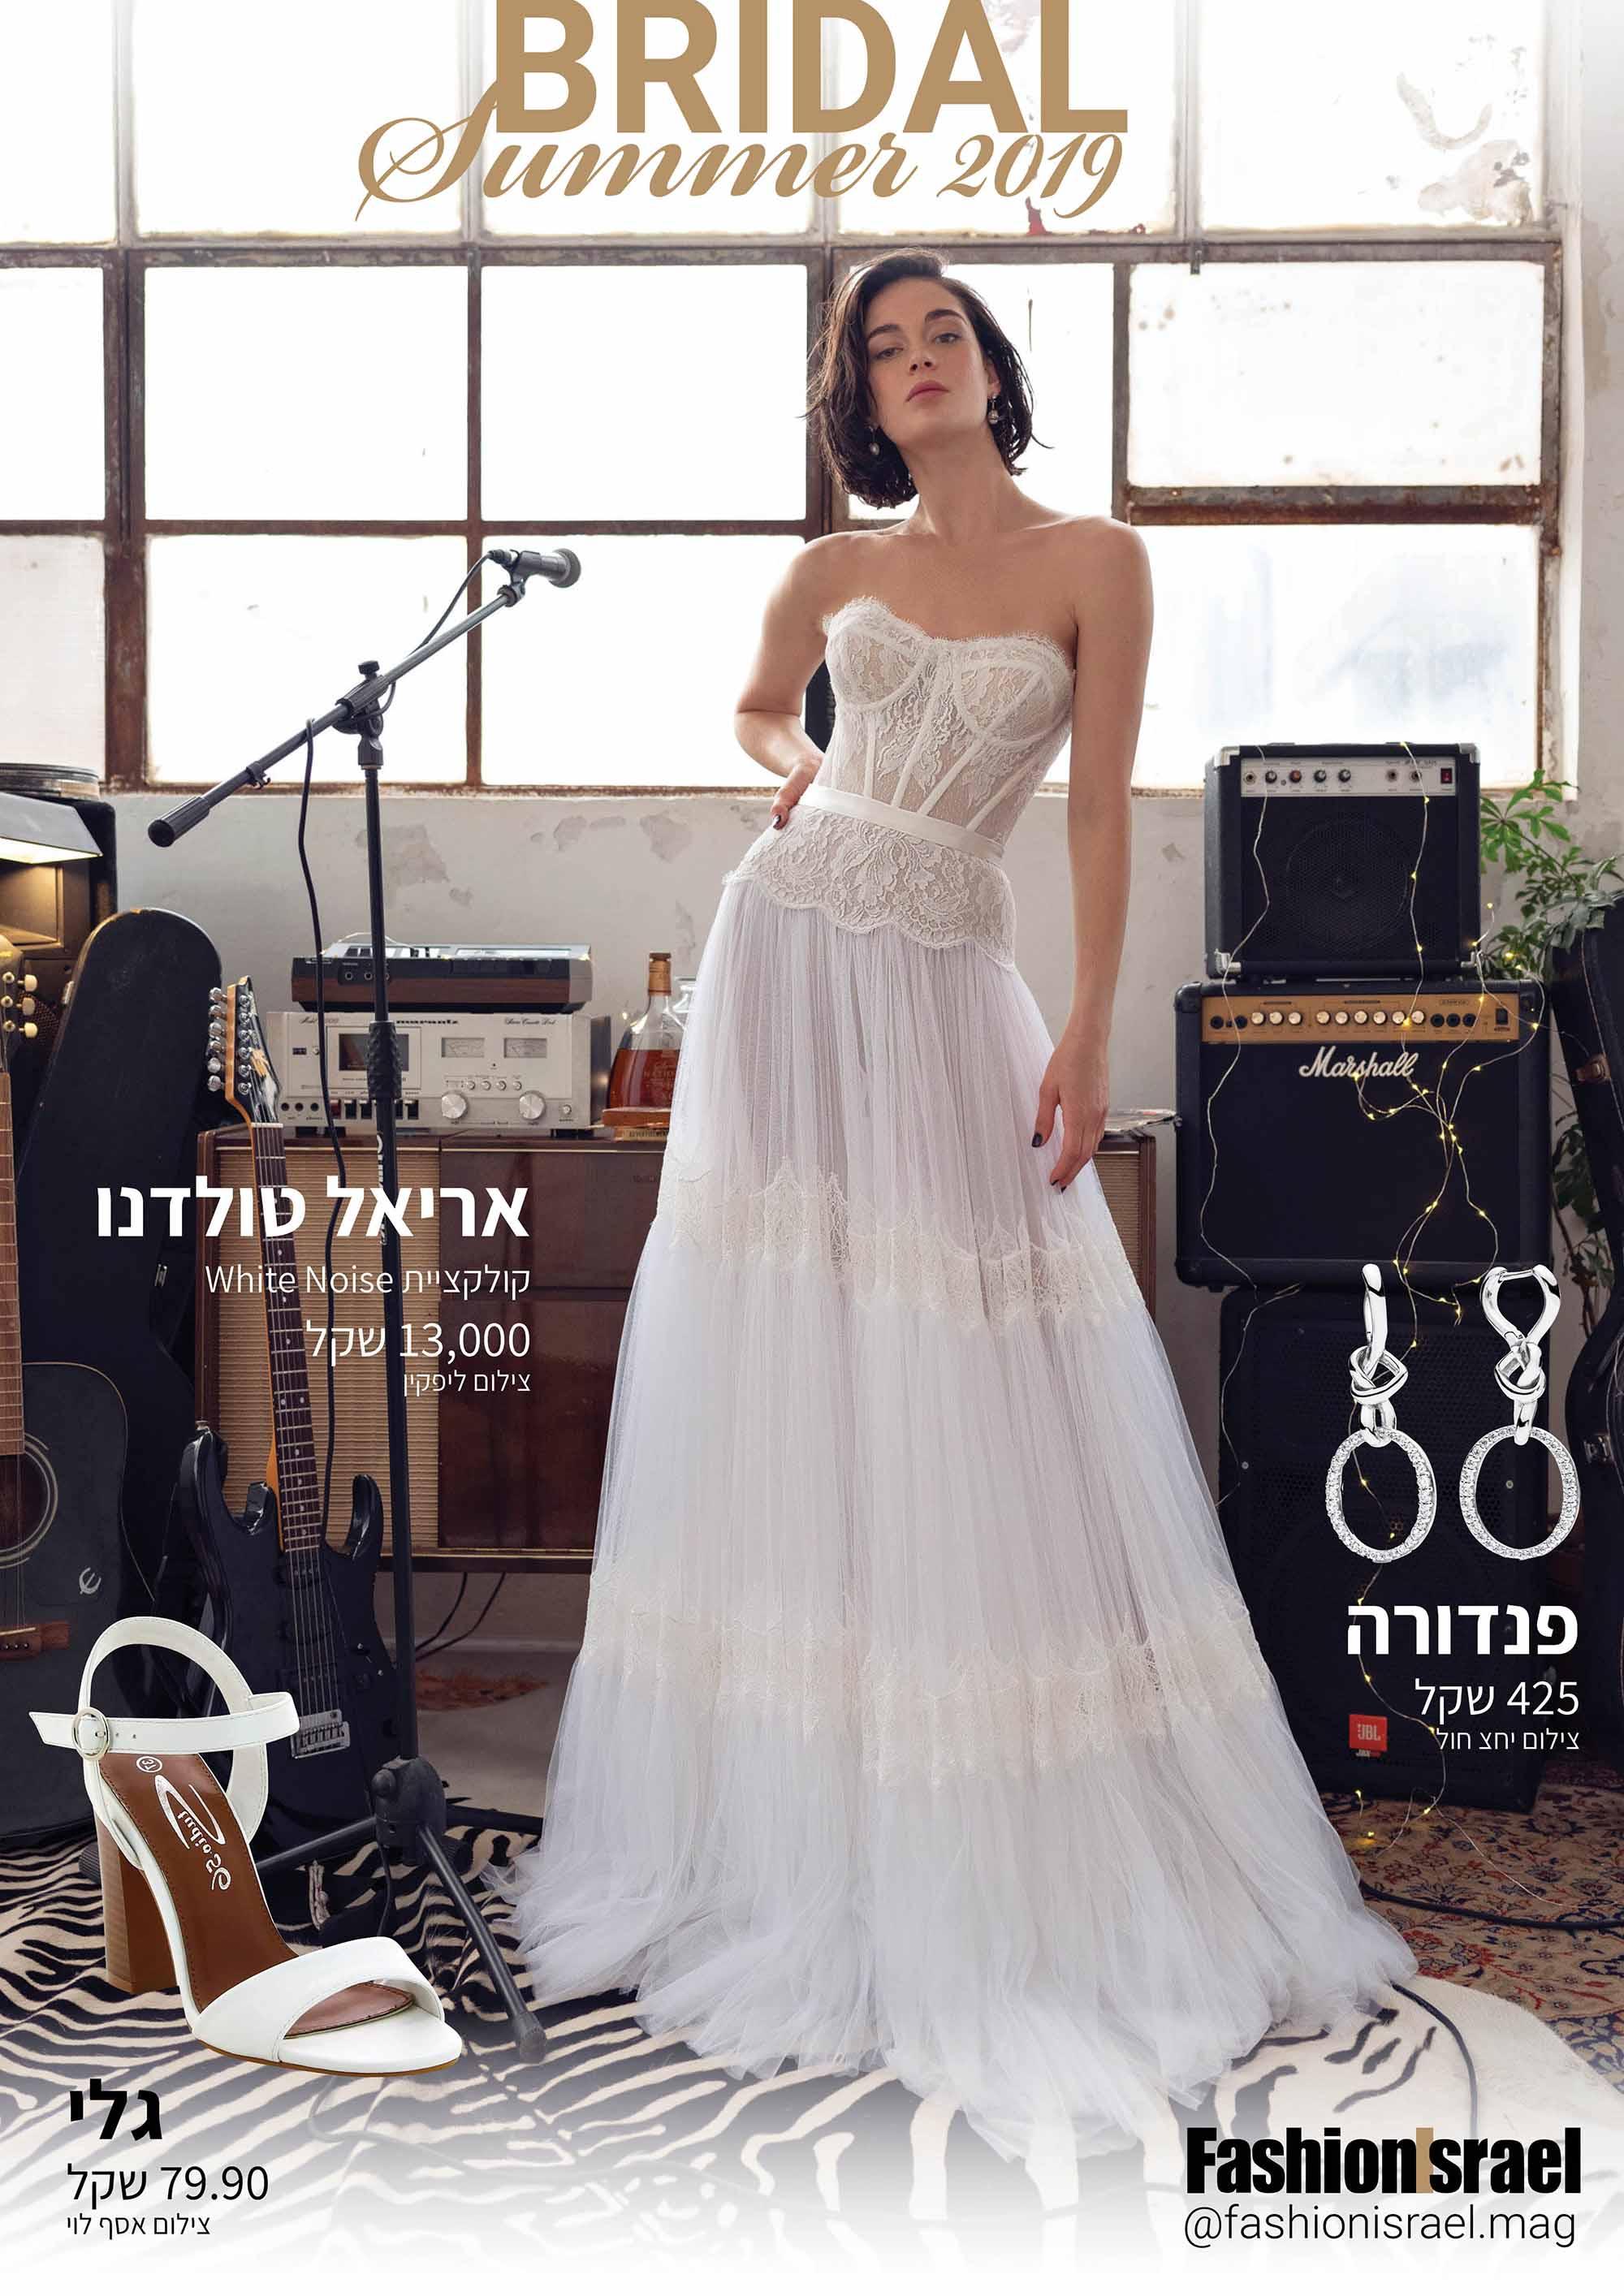 שמלת כלה אריאל טולדנו, תכשיטים: פנדורה, נעליים: גלי